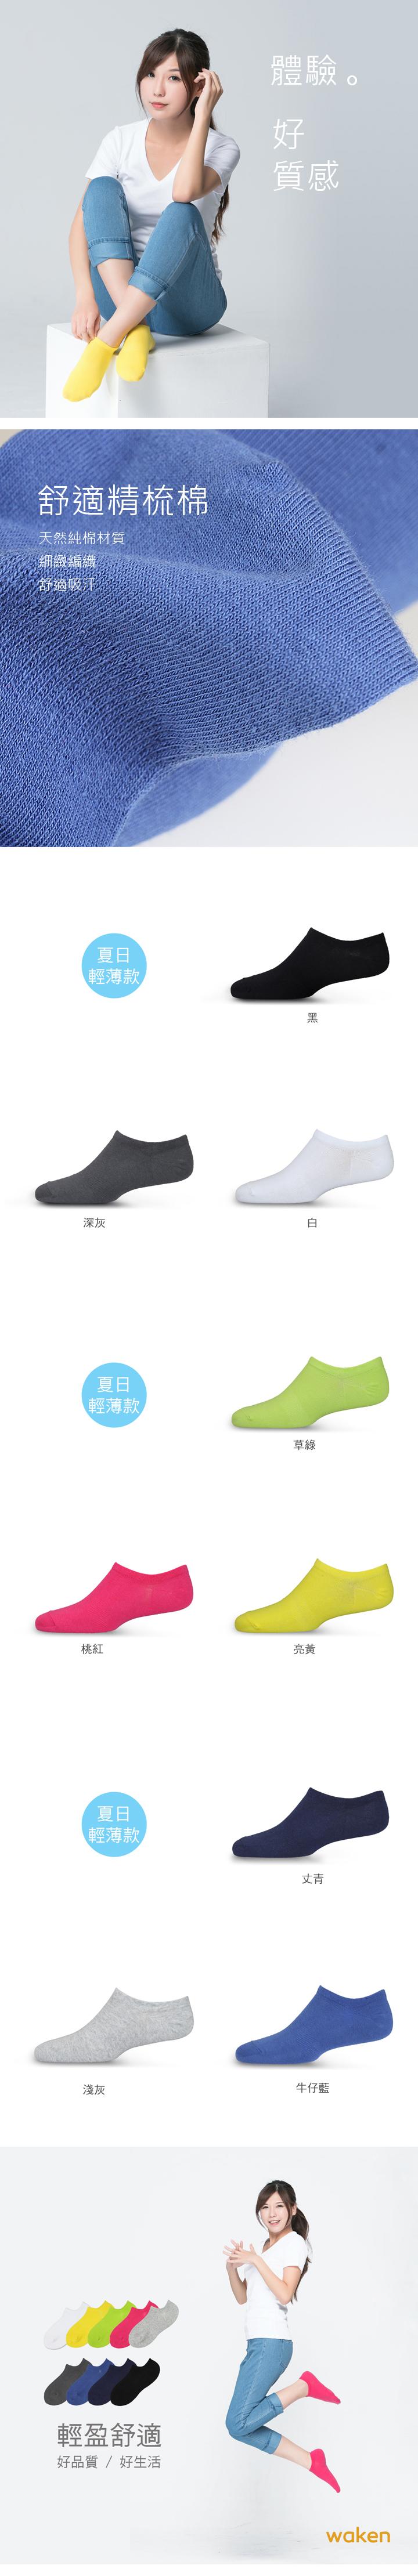 Waken精梳棉純色細針船型襪 / 襪子 / 女襪 男襪 薄襪